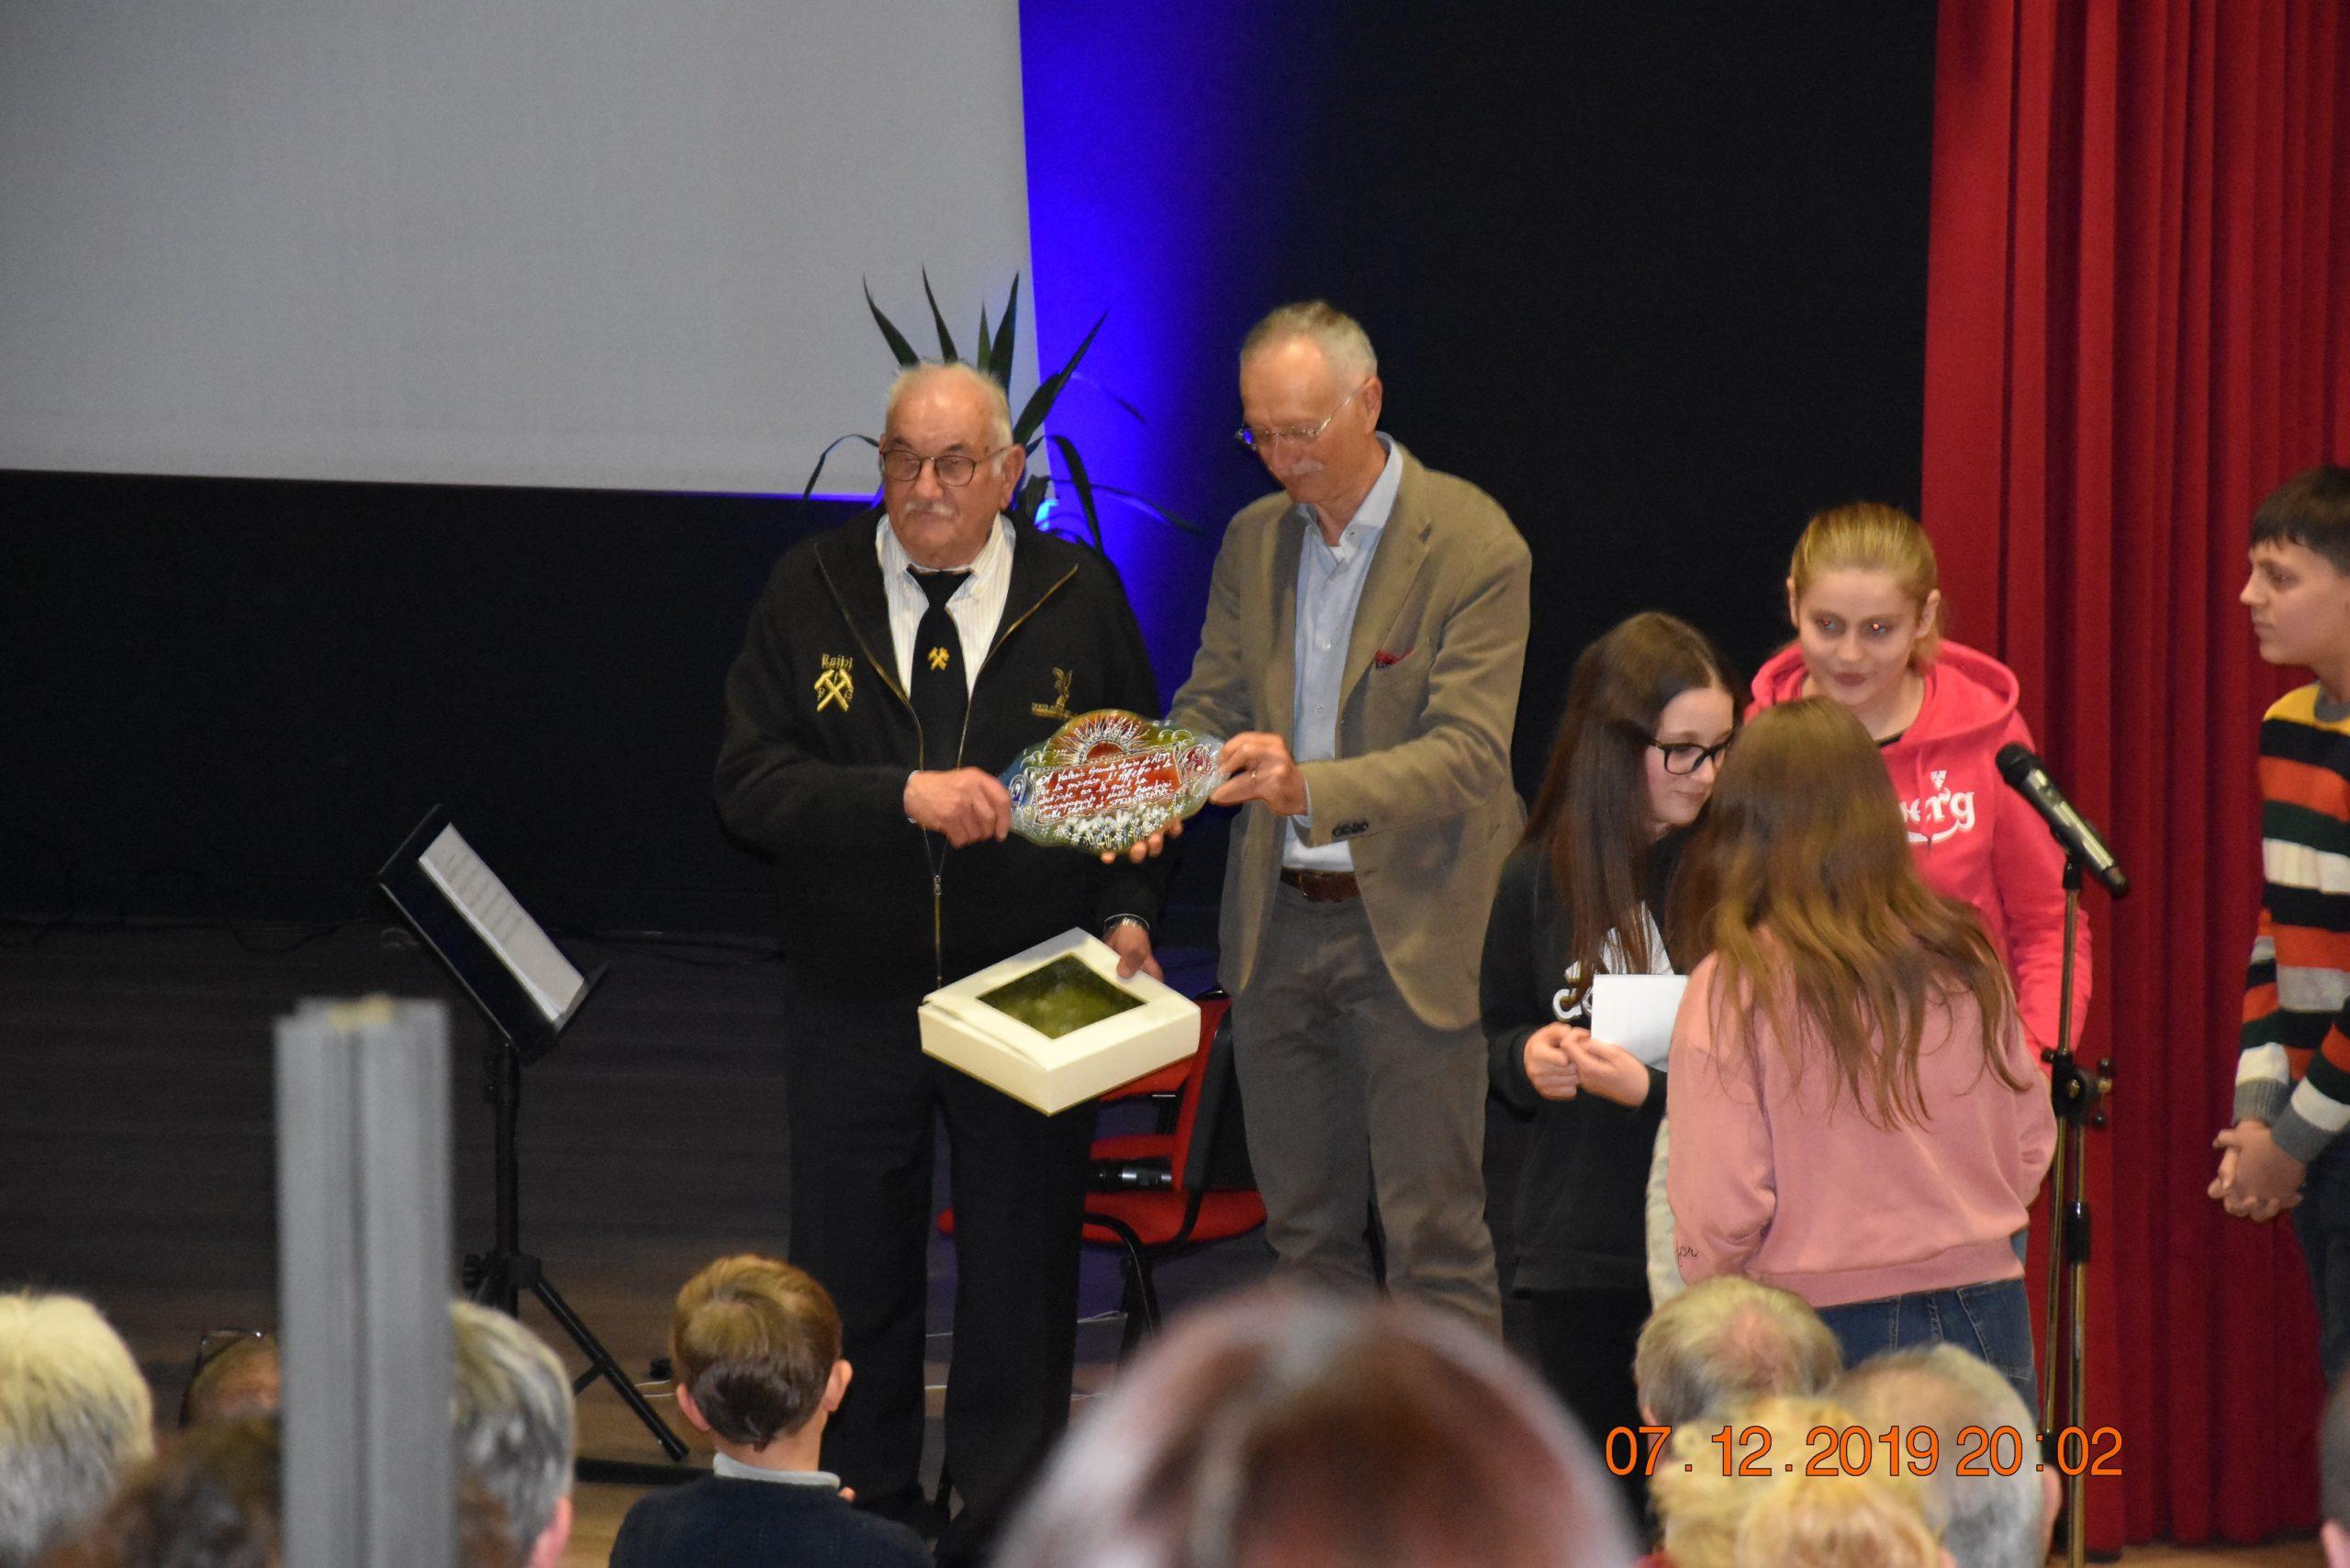 La consegna del premio ALPI a Valerio Rossi da parte dei nostri bambini